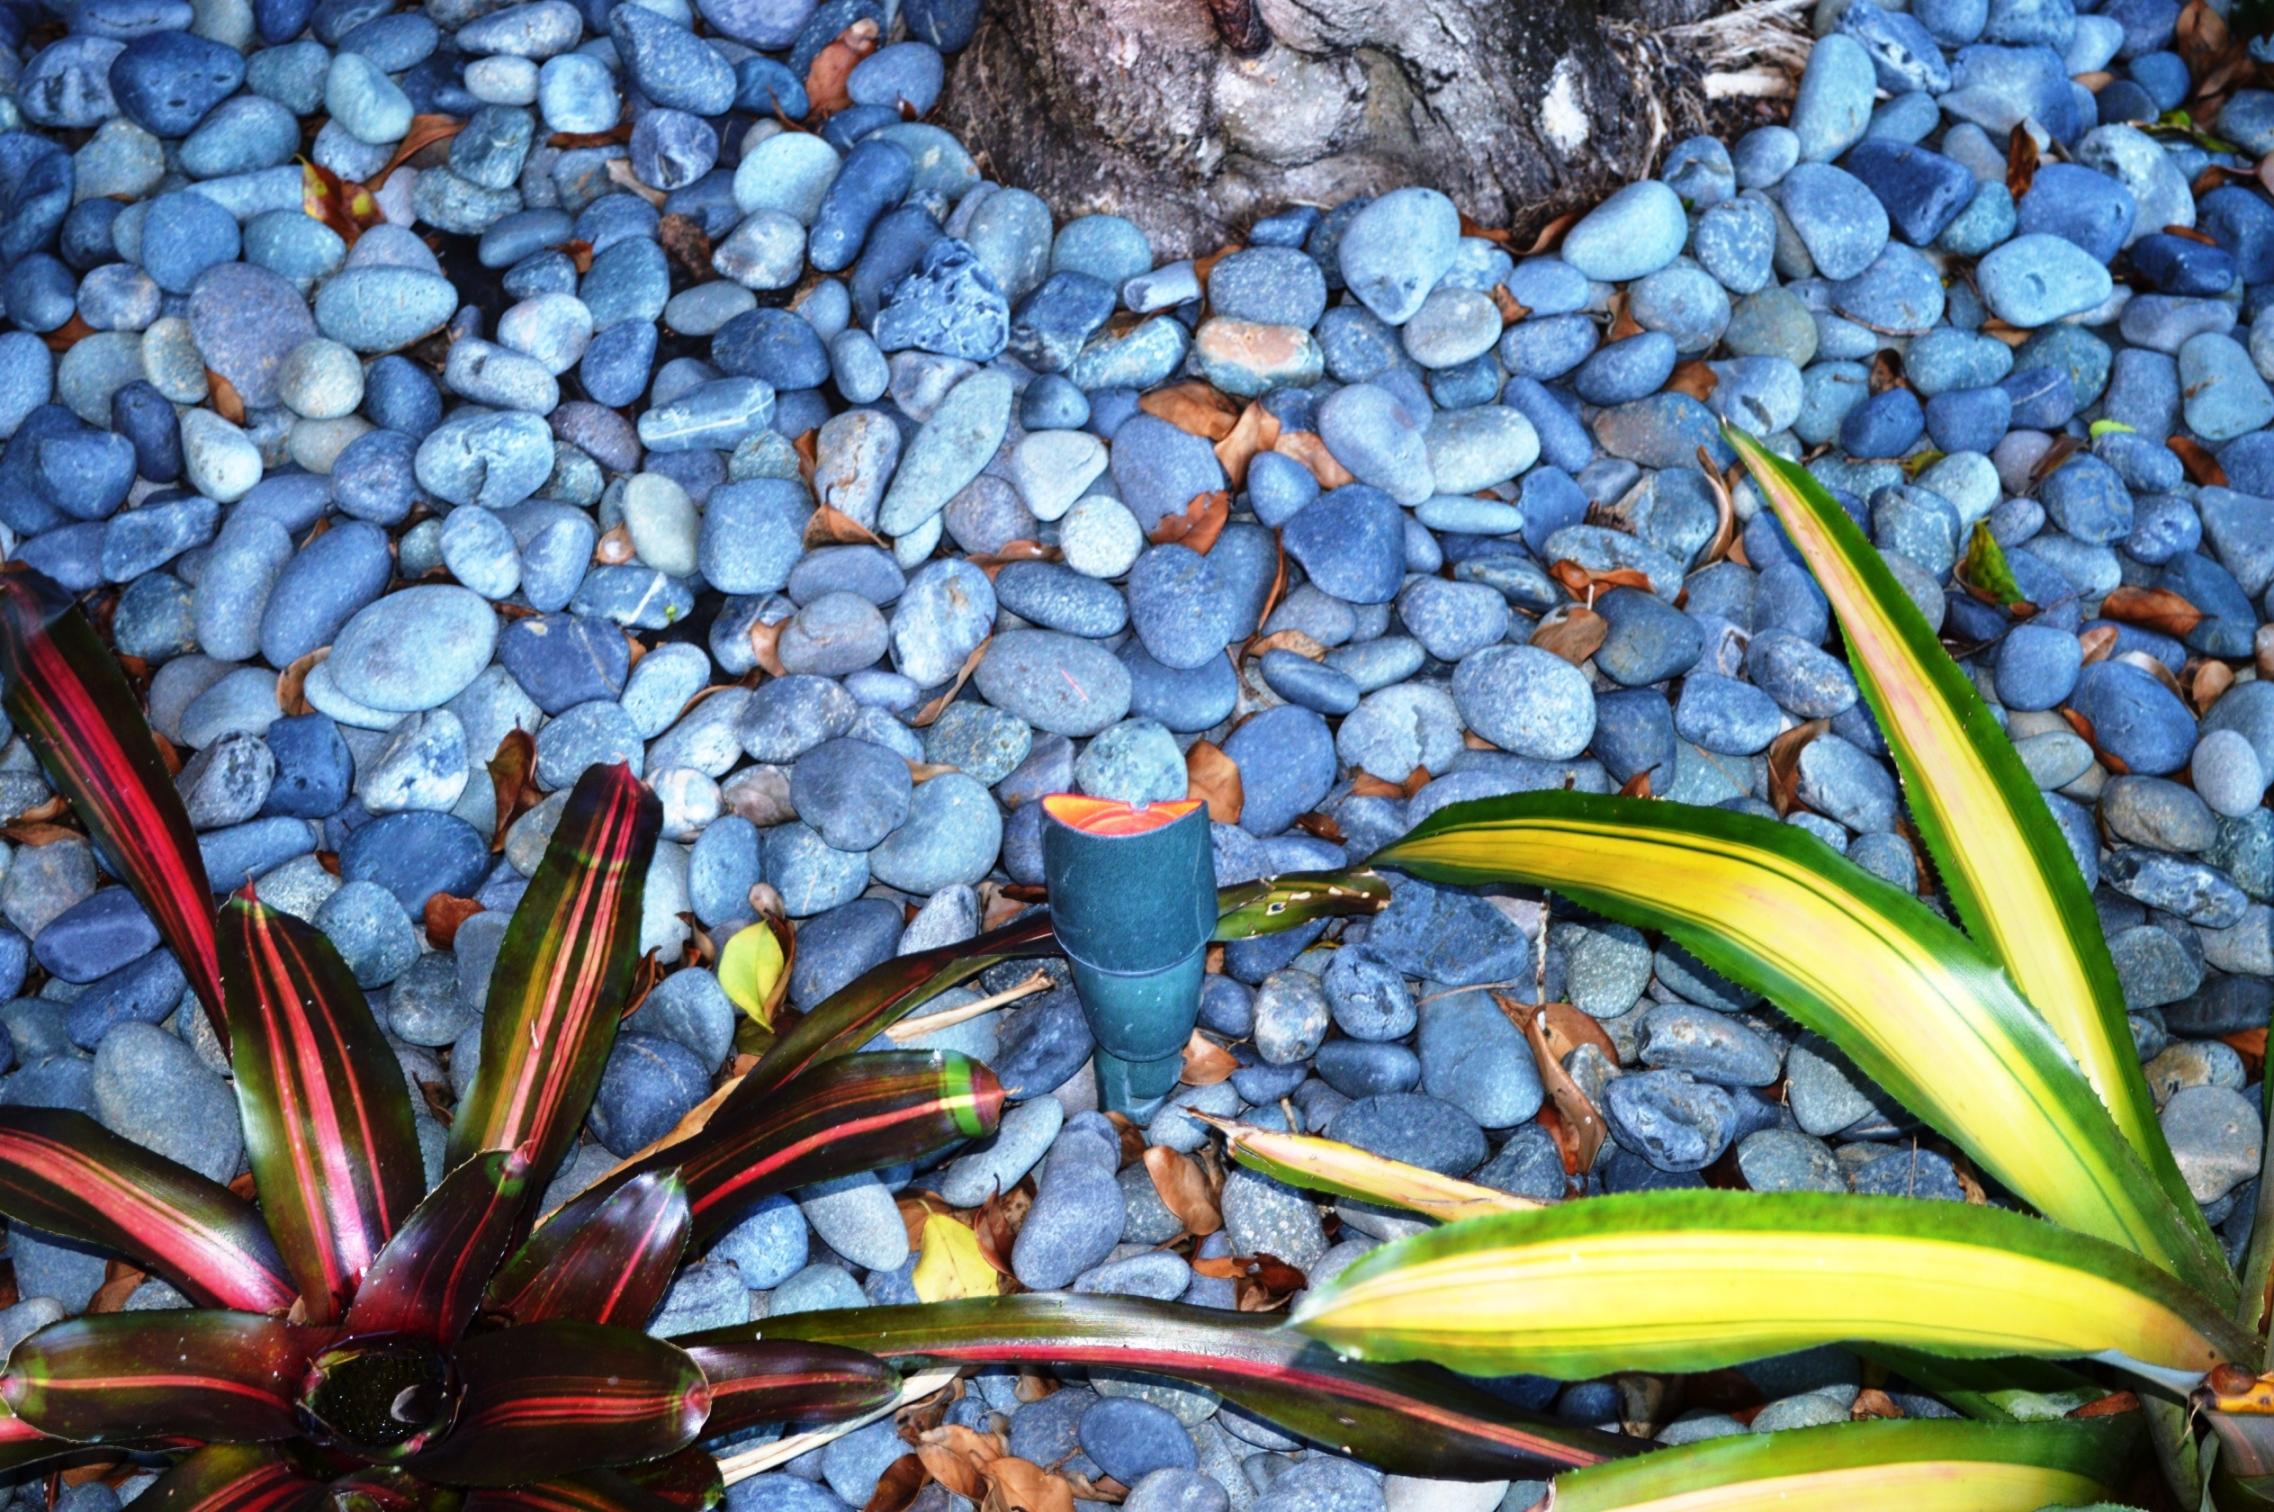 Boynton Beach landscaping lighting fixtures 6